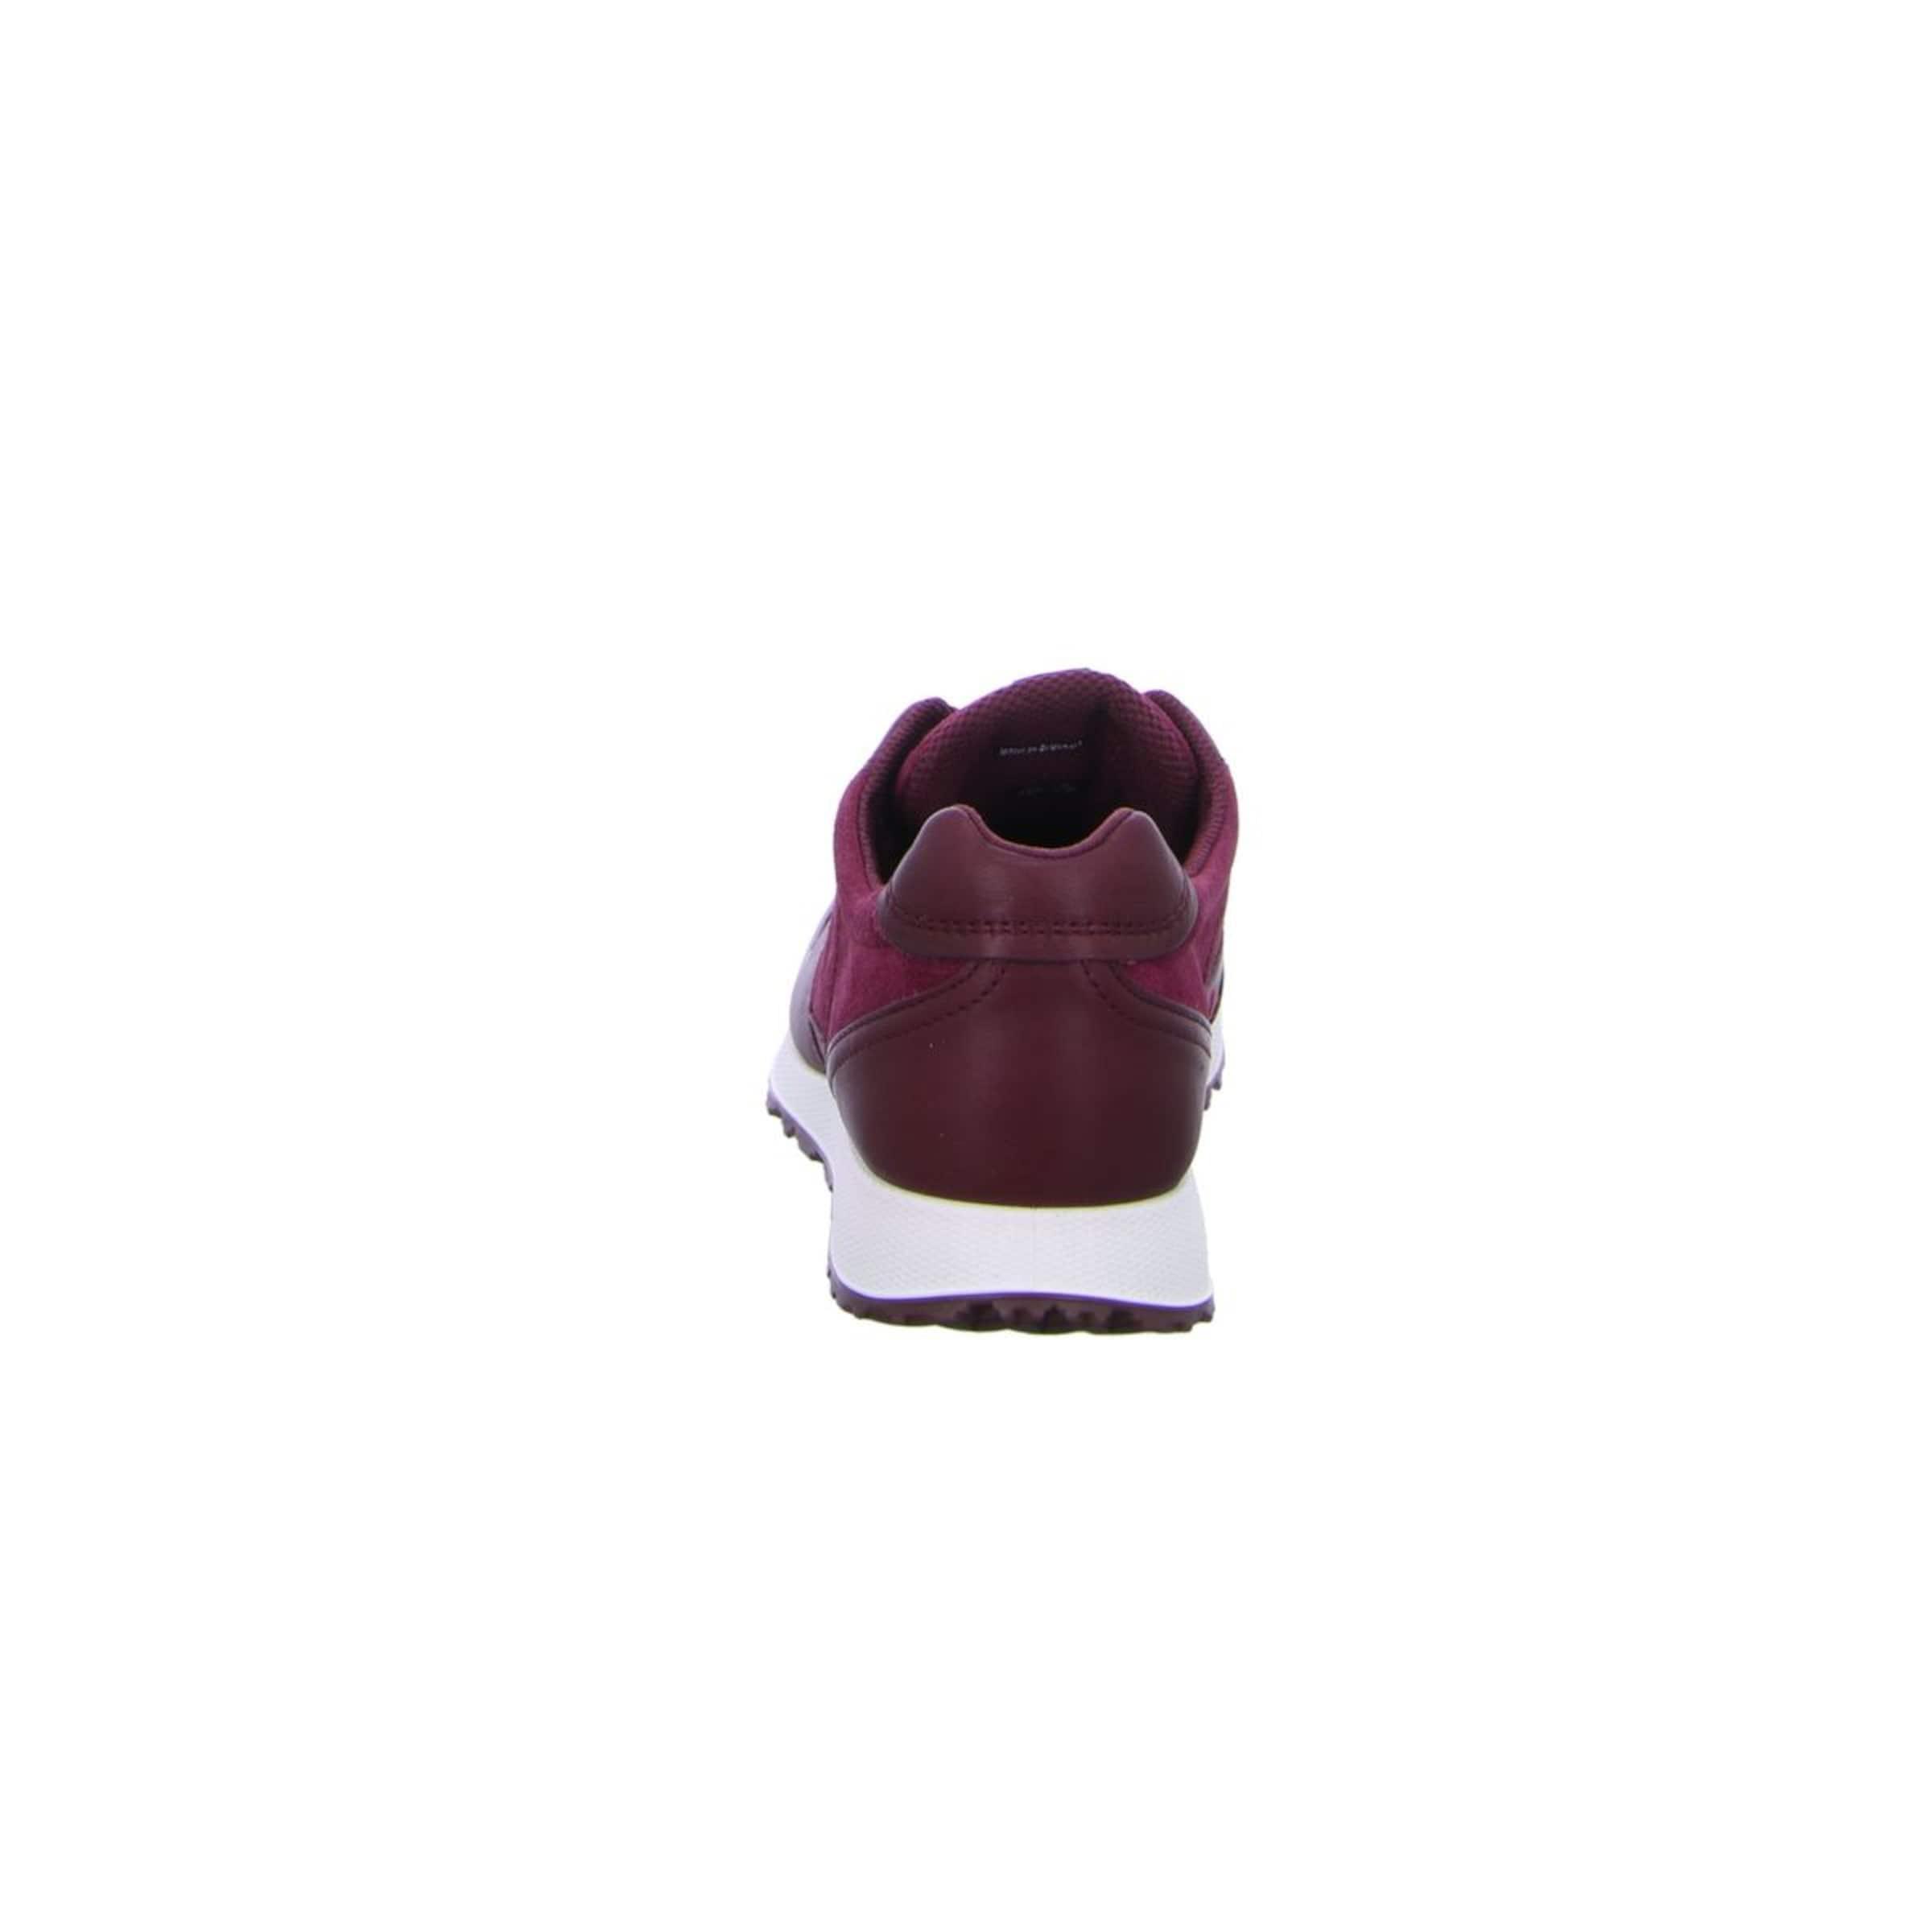 Ecco Schnürschuhe In Rotviolett Ecco Schnürschuhe N8nXOP0wkZ